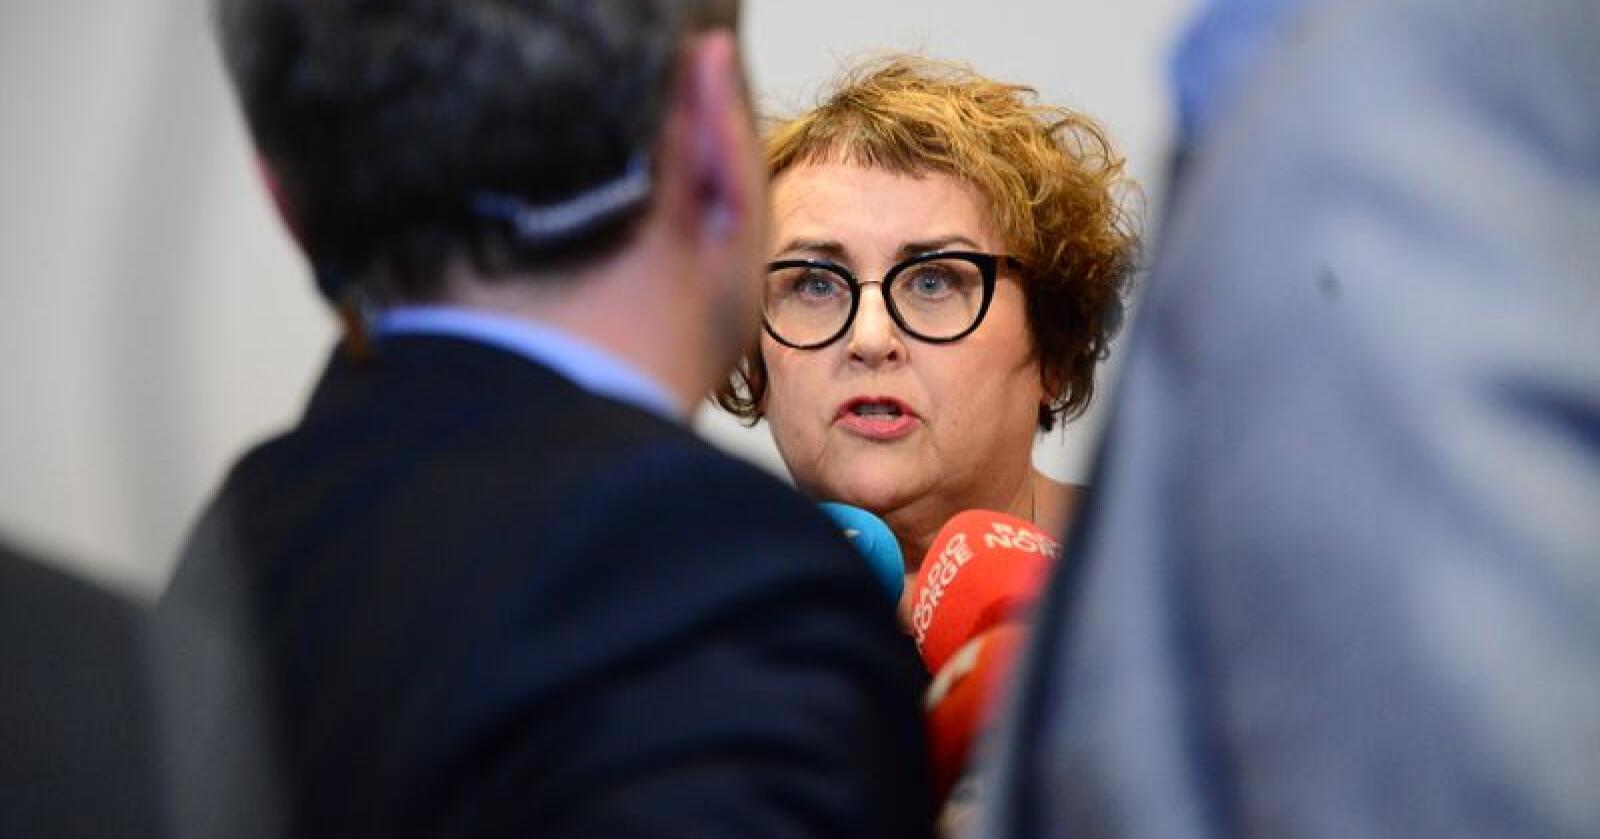 Det har vært mye oppmerksomhet rundt Olaug Bollestad de siste månedene, nå har hun tittelen landbruks- og matminister. Foto: Siri Juell Rasmussen